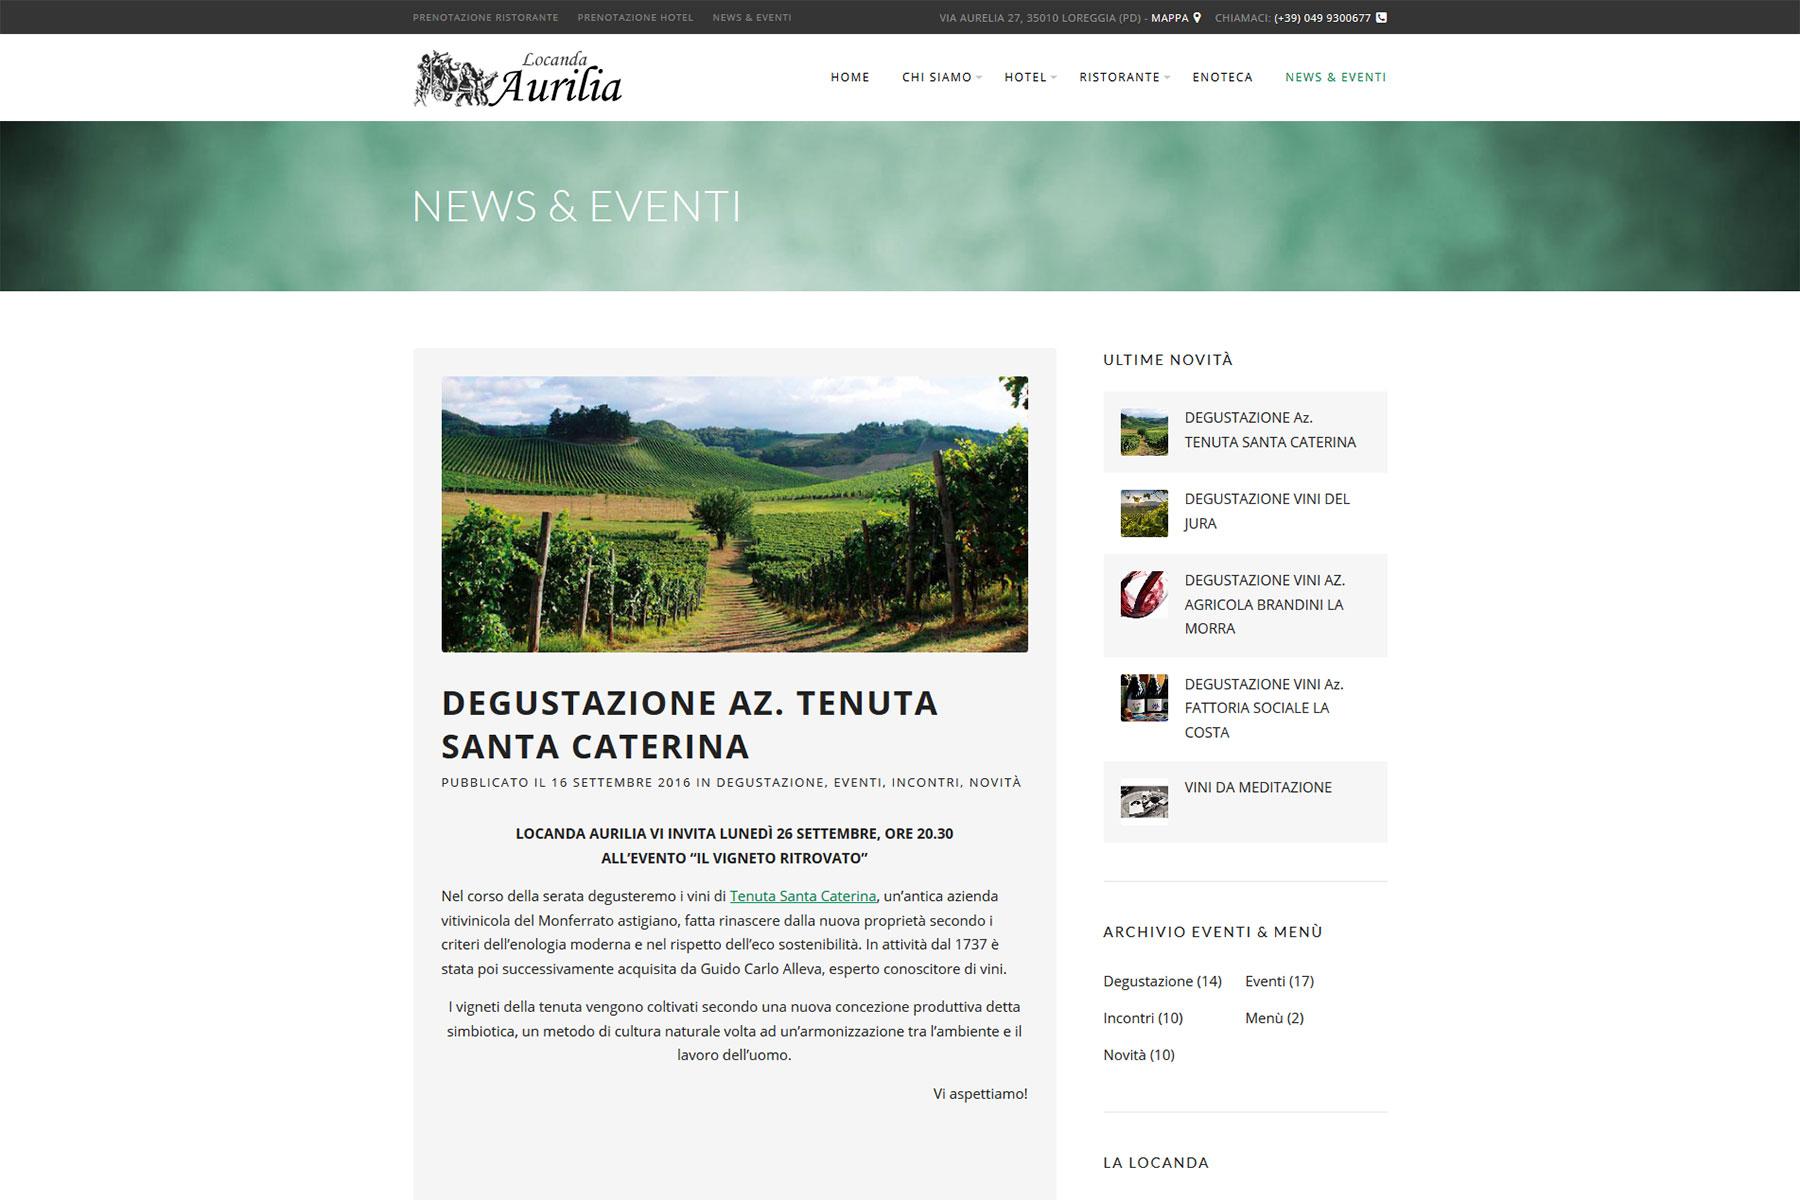 xplay-agenzia-web-sito-hotel-albergo-ristorante-enoteca-aurilia-loreggia-padova